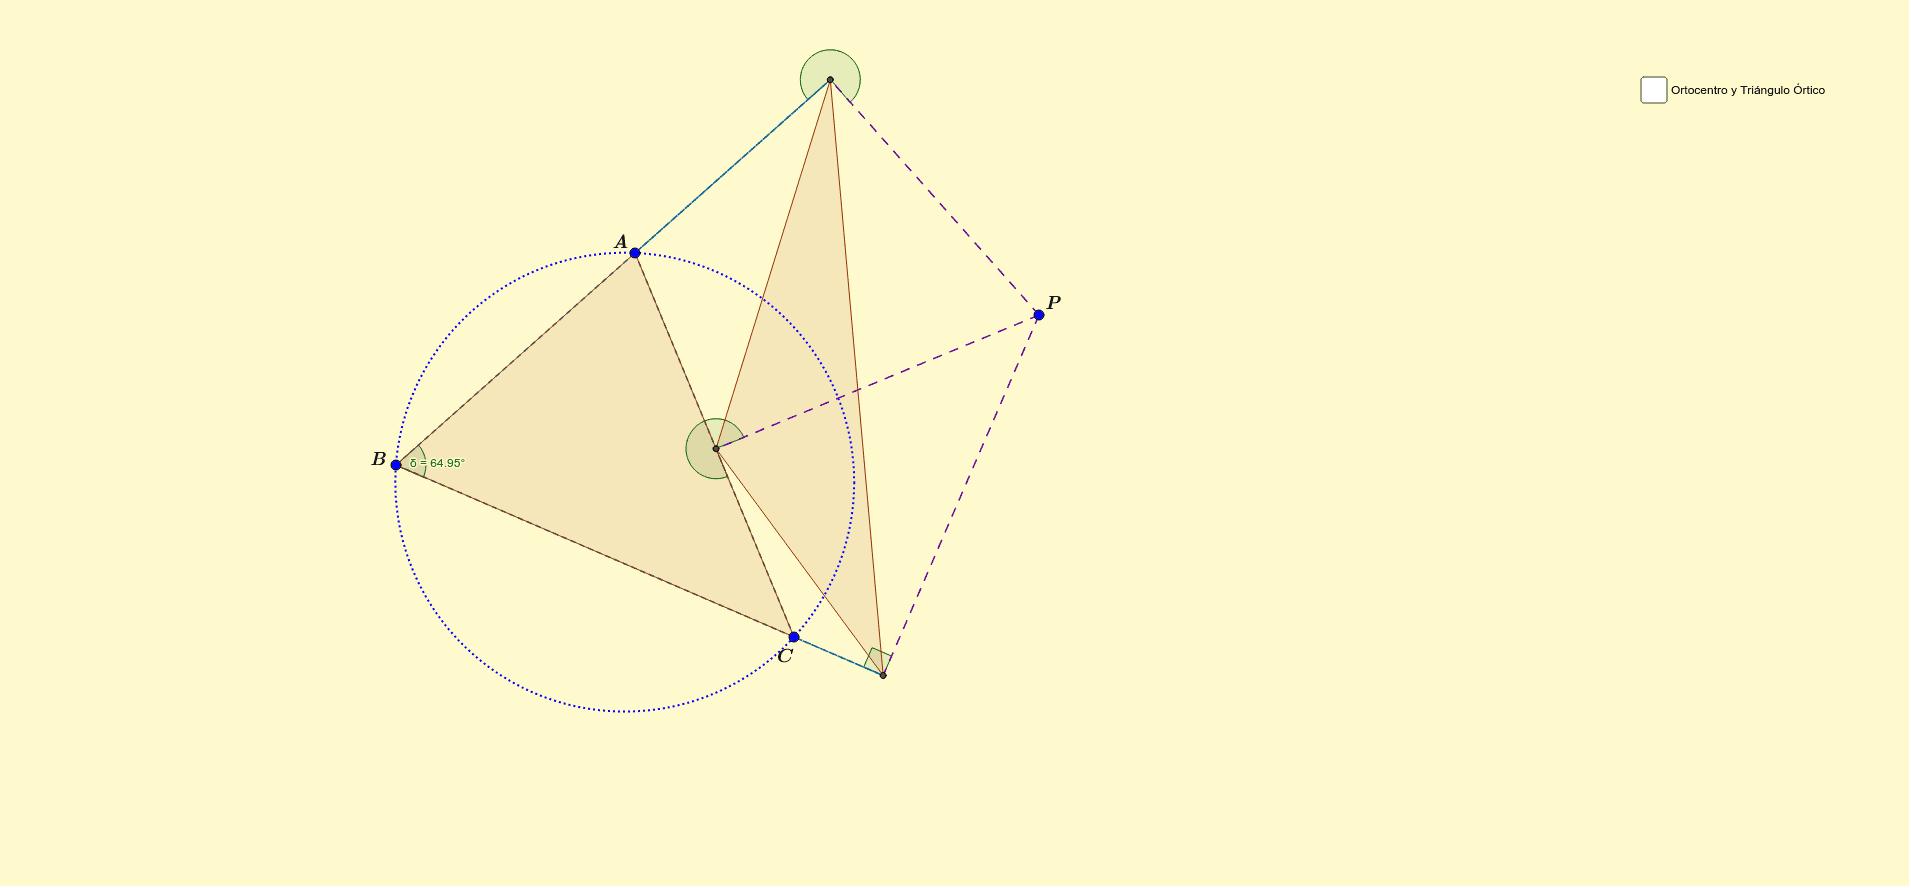 Con esta construcción mostramos que el triángulo Órtico es sólo un caso particular del triángulo pedal. Veremos que cuando el punto P se hace igual al ortocentro estos coinciden  Presiona Intro para comenzar la actividad